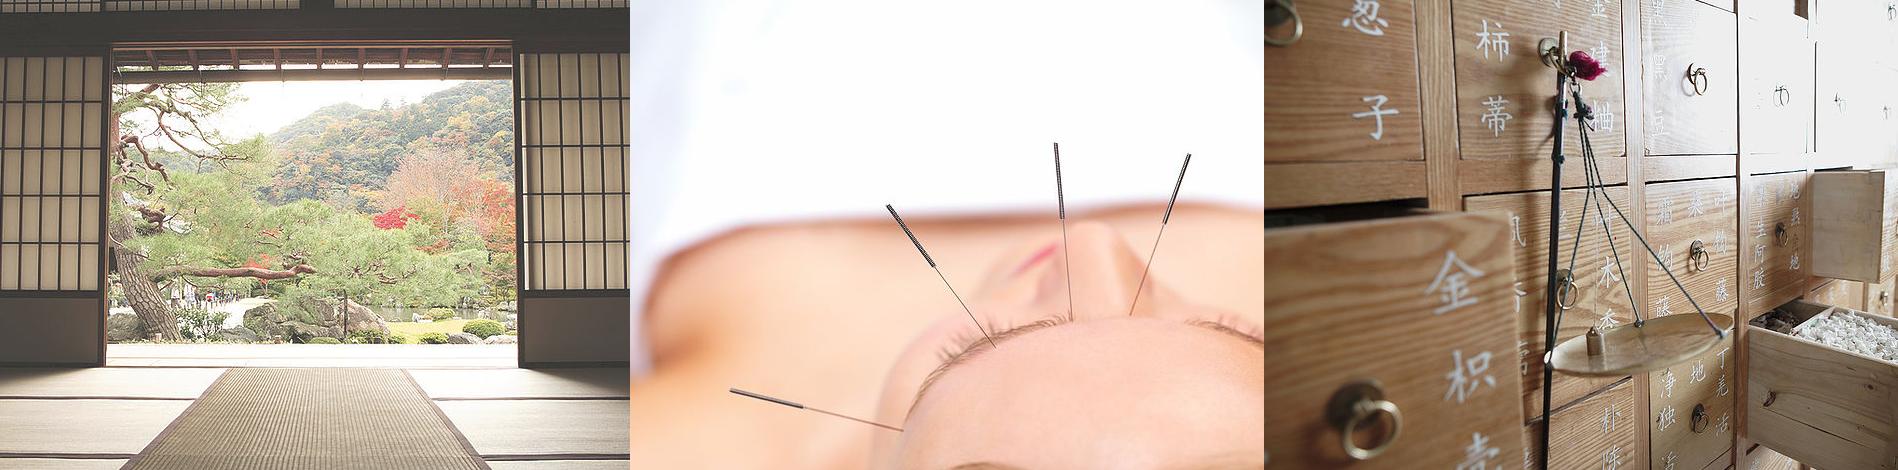 acupunctuur in Amstelveen